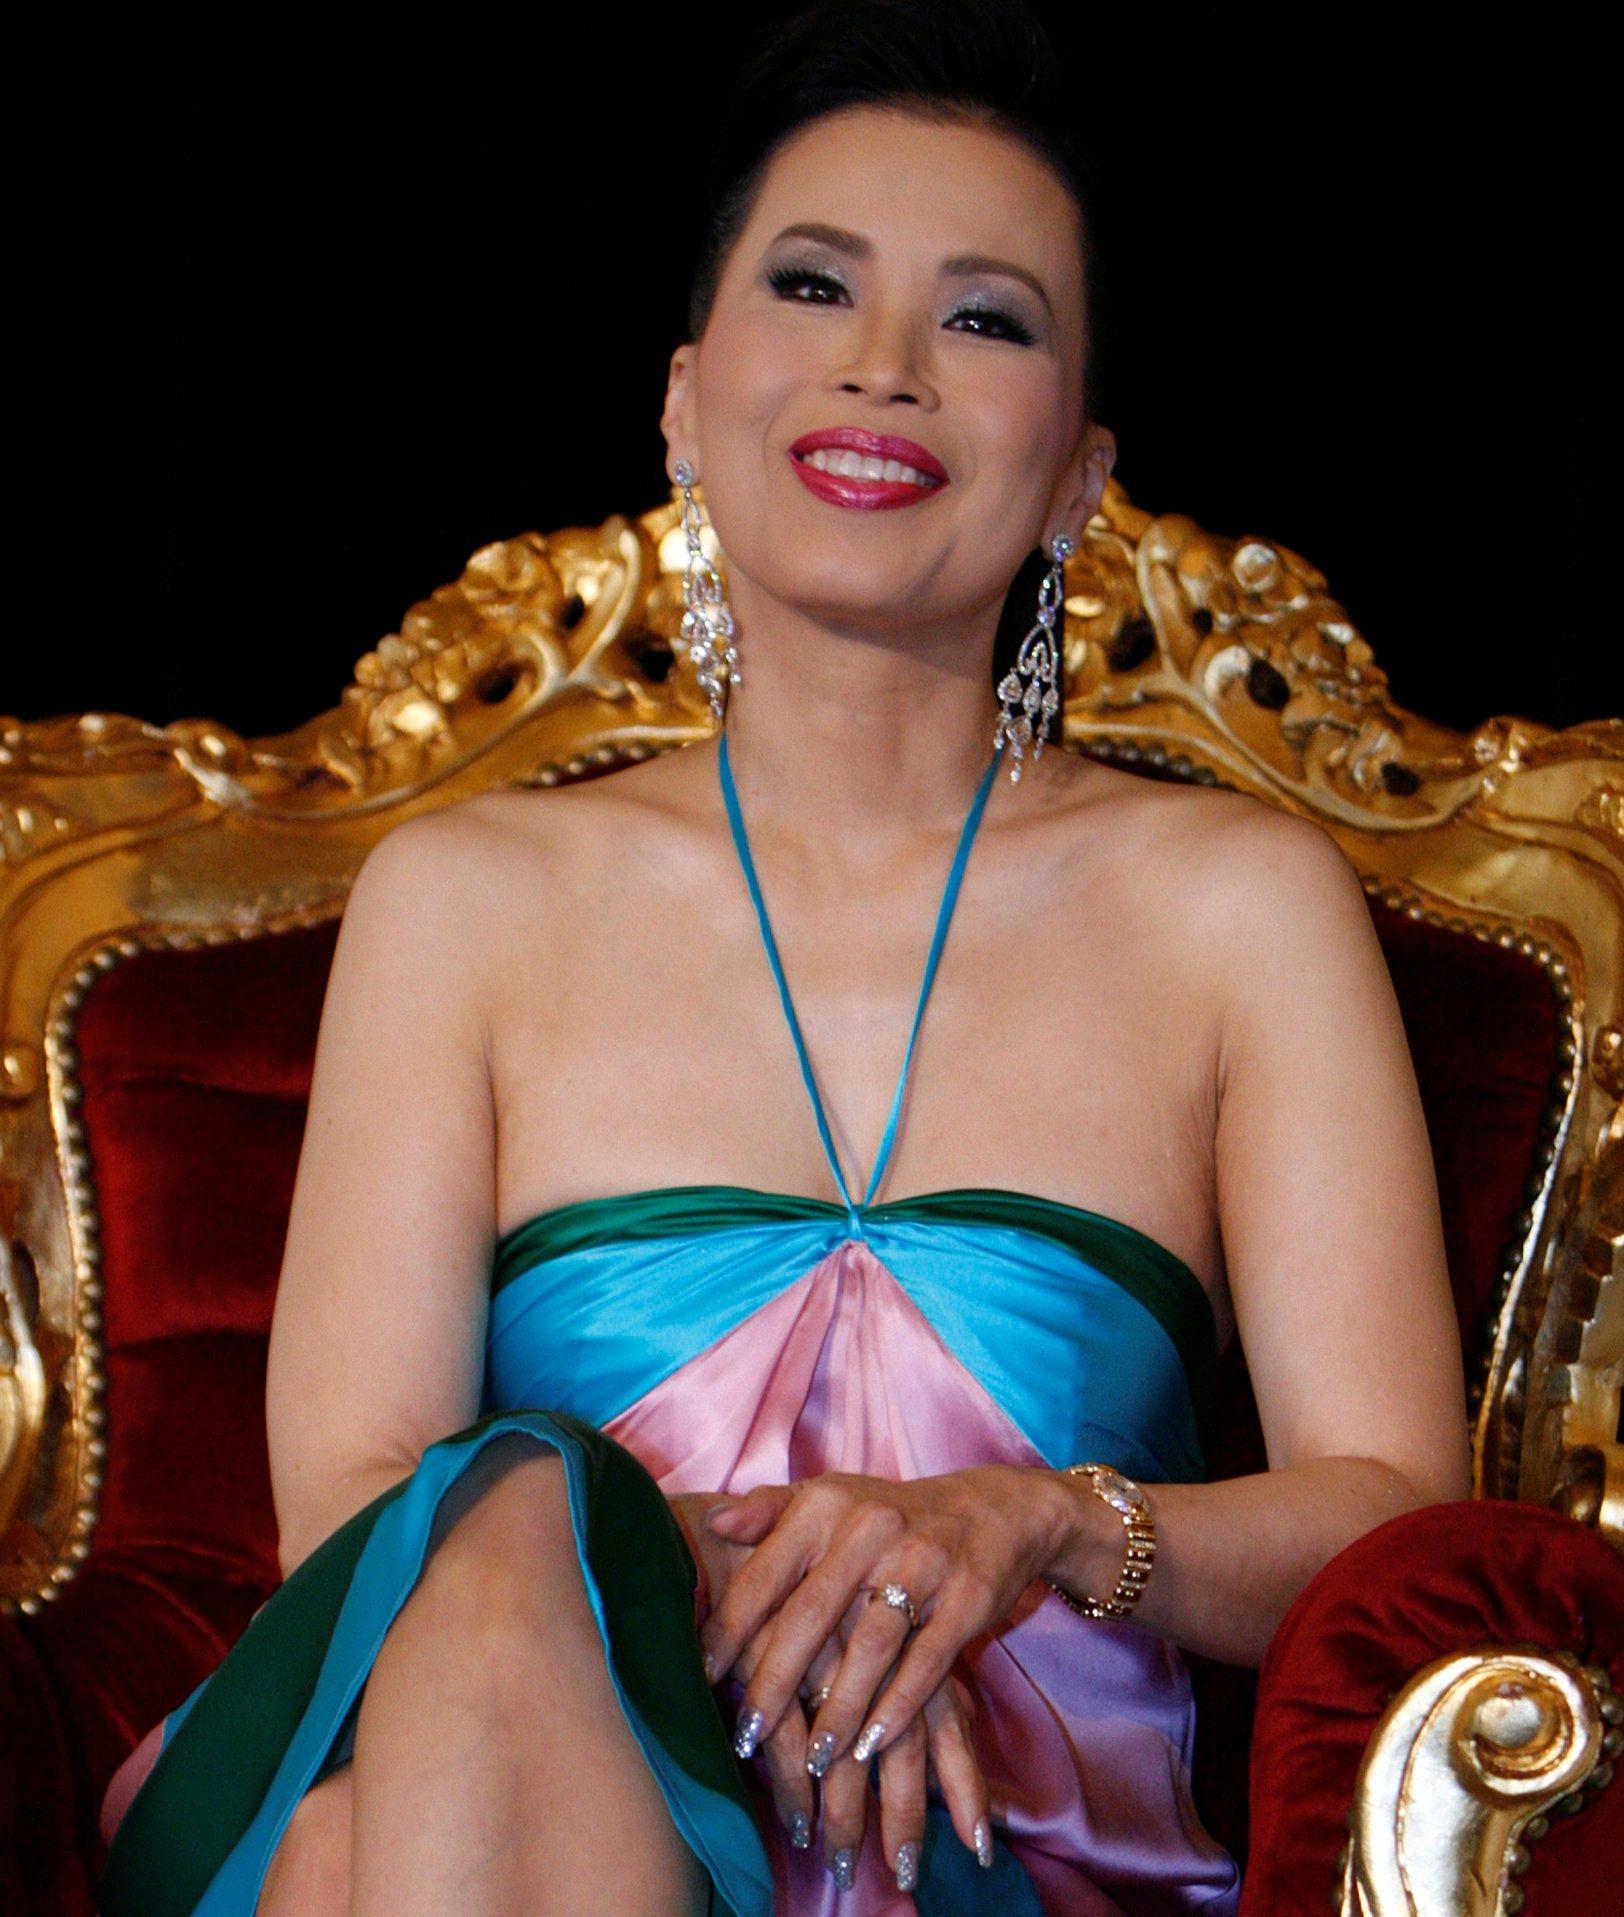 princeza Ubolratana Rajakanya